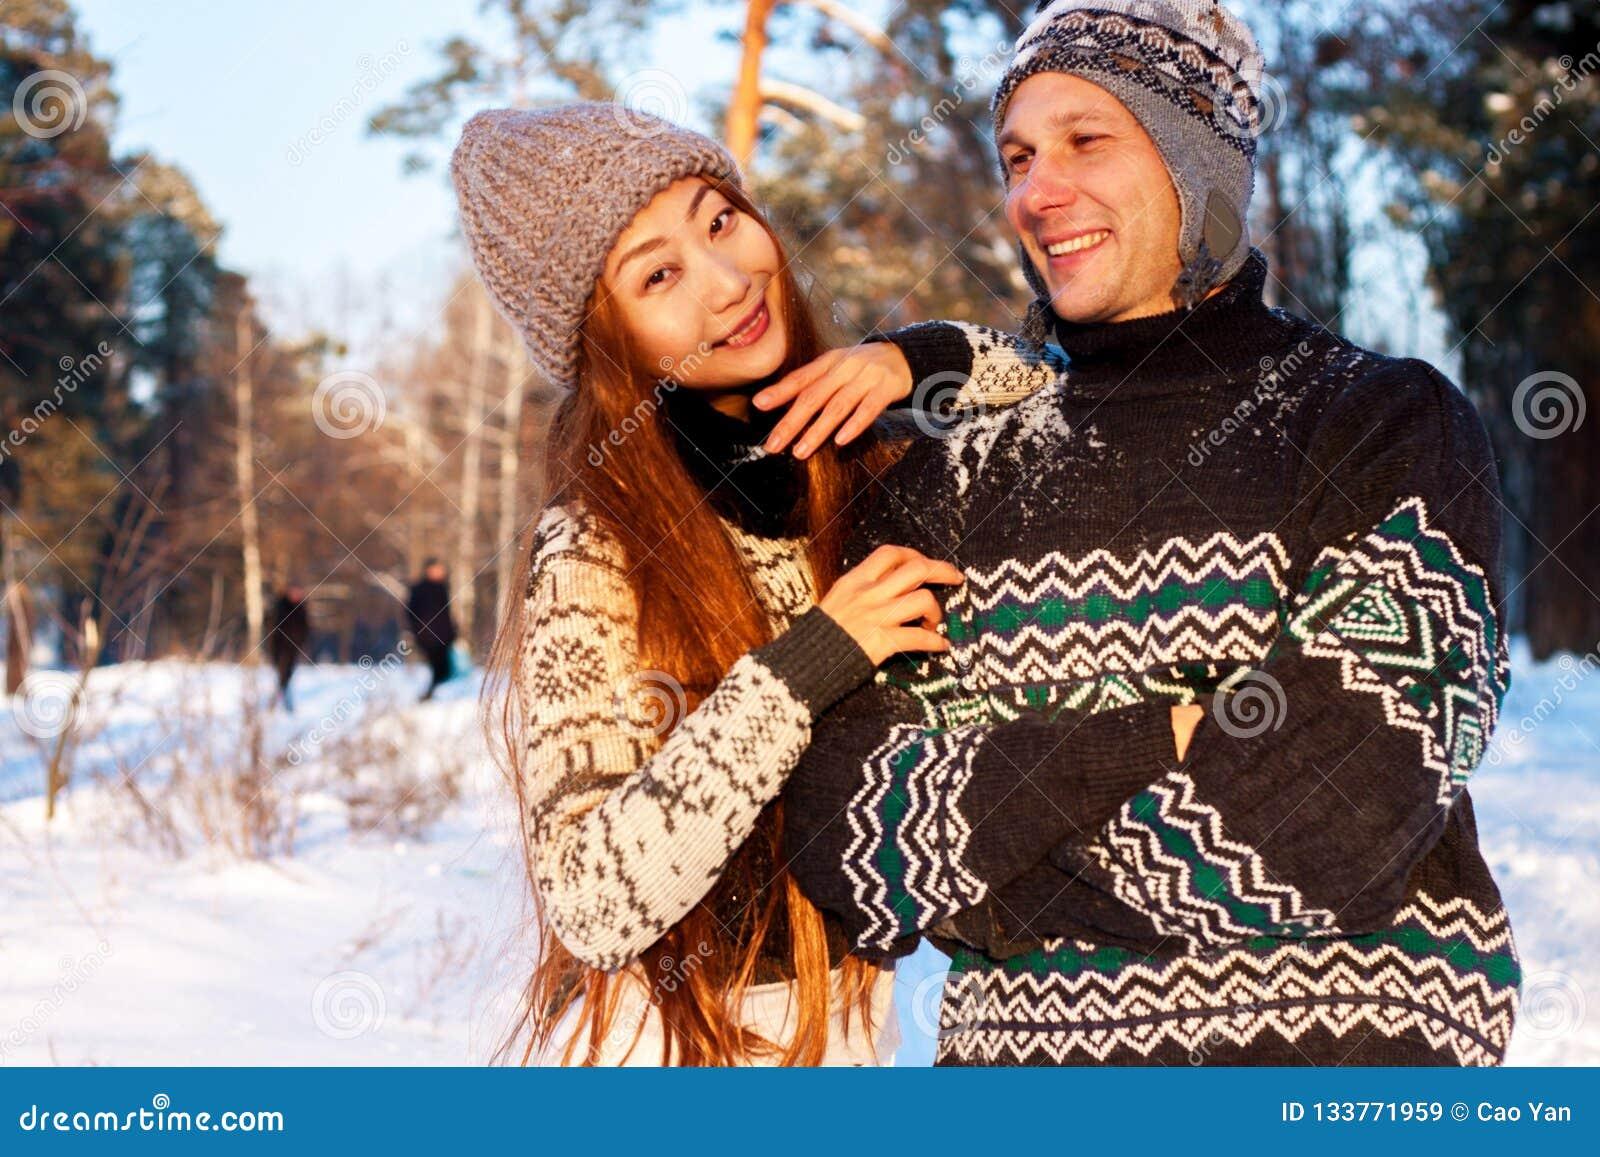 Un hombre hermoso joven de aspecto europeo y una muchacha asiática joven en un parque en la naturaleza en invierno